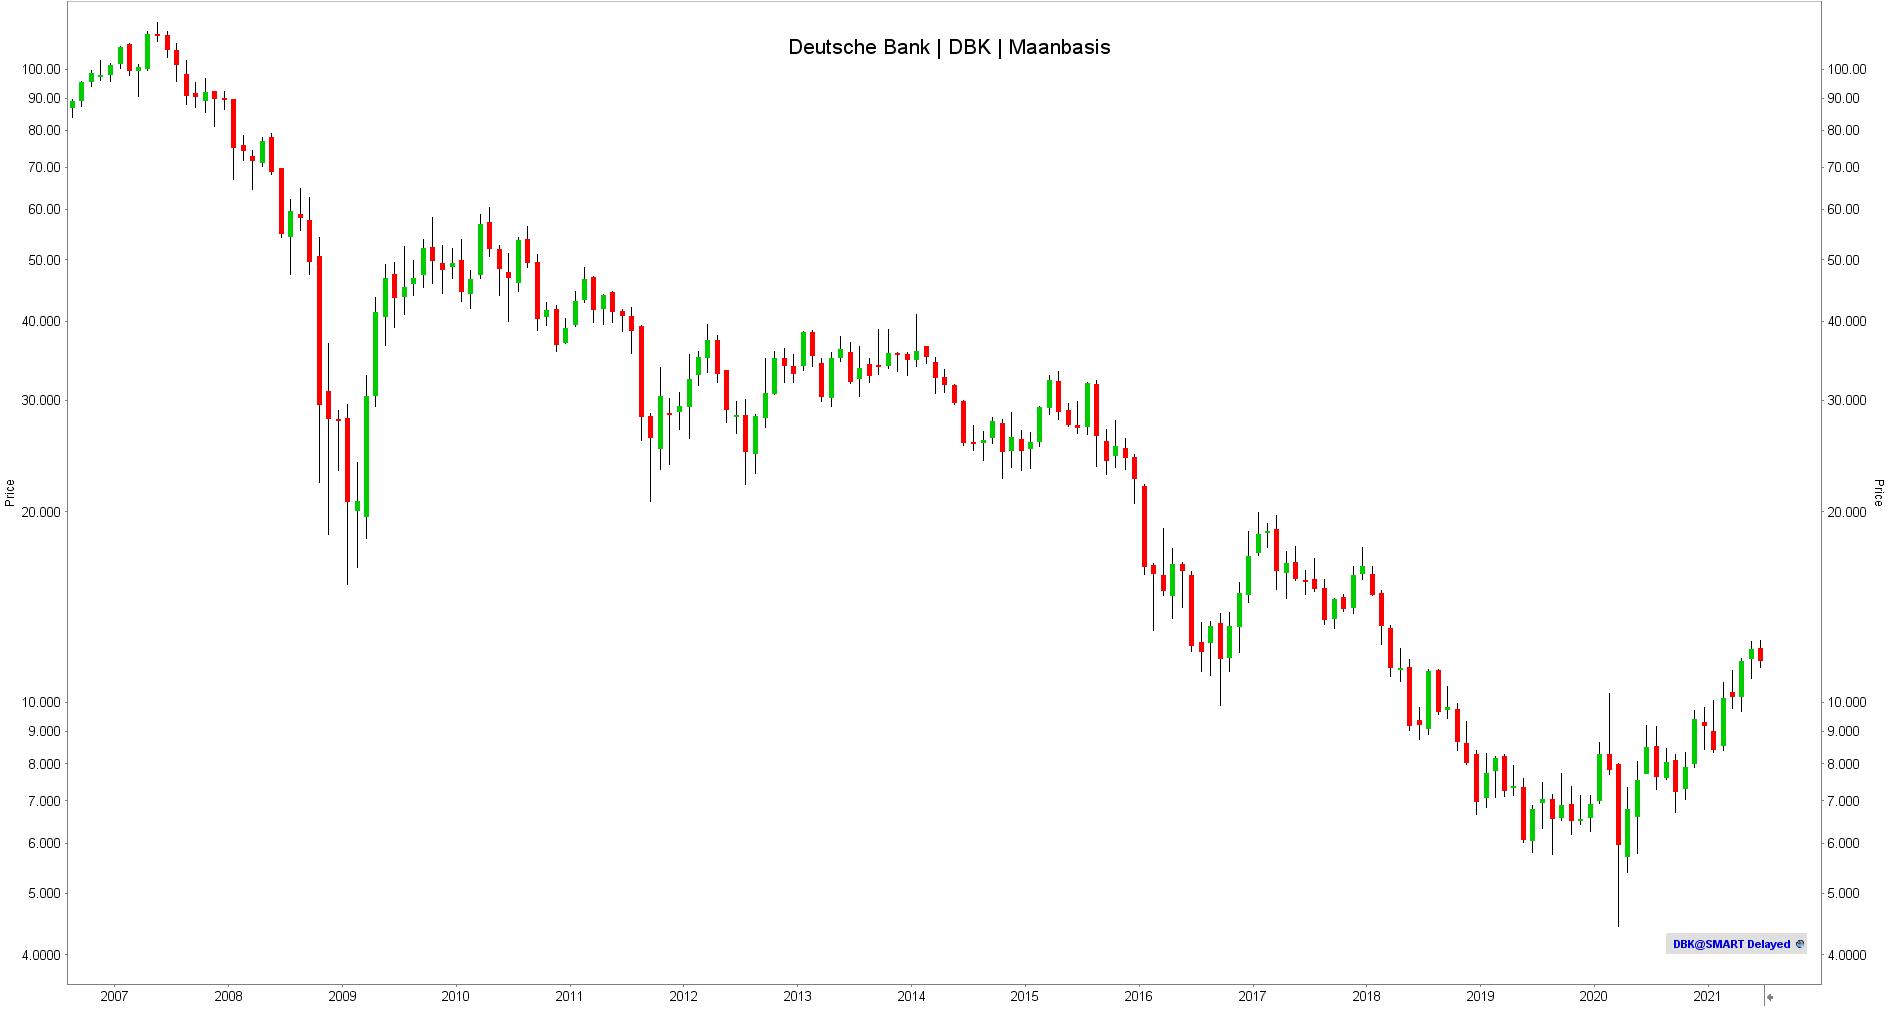 Deutsche Bank - Koers